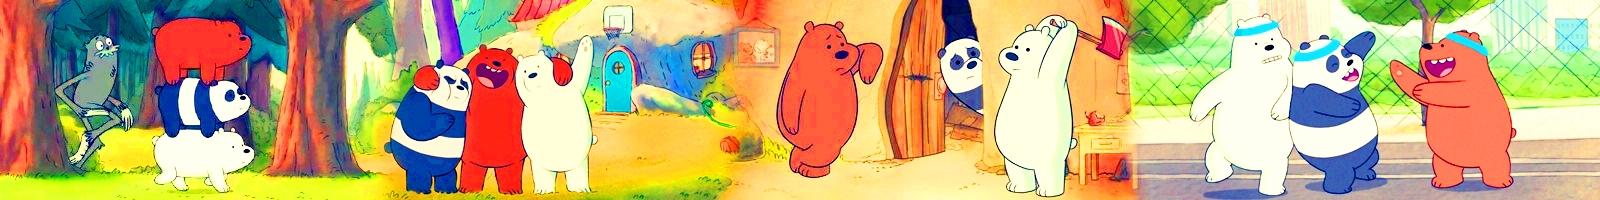 'We Bare Bears' Banner